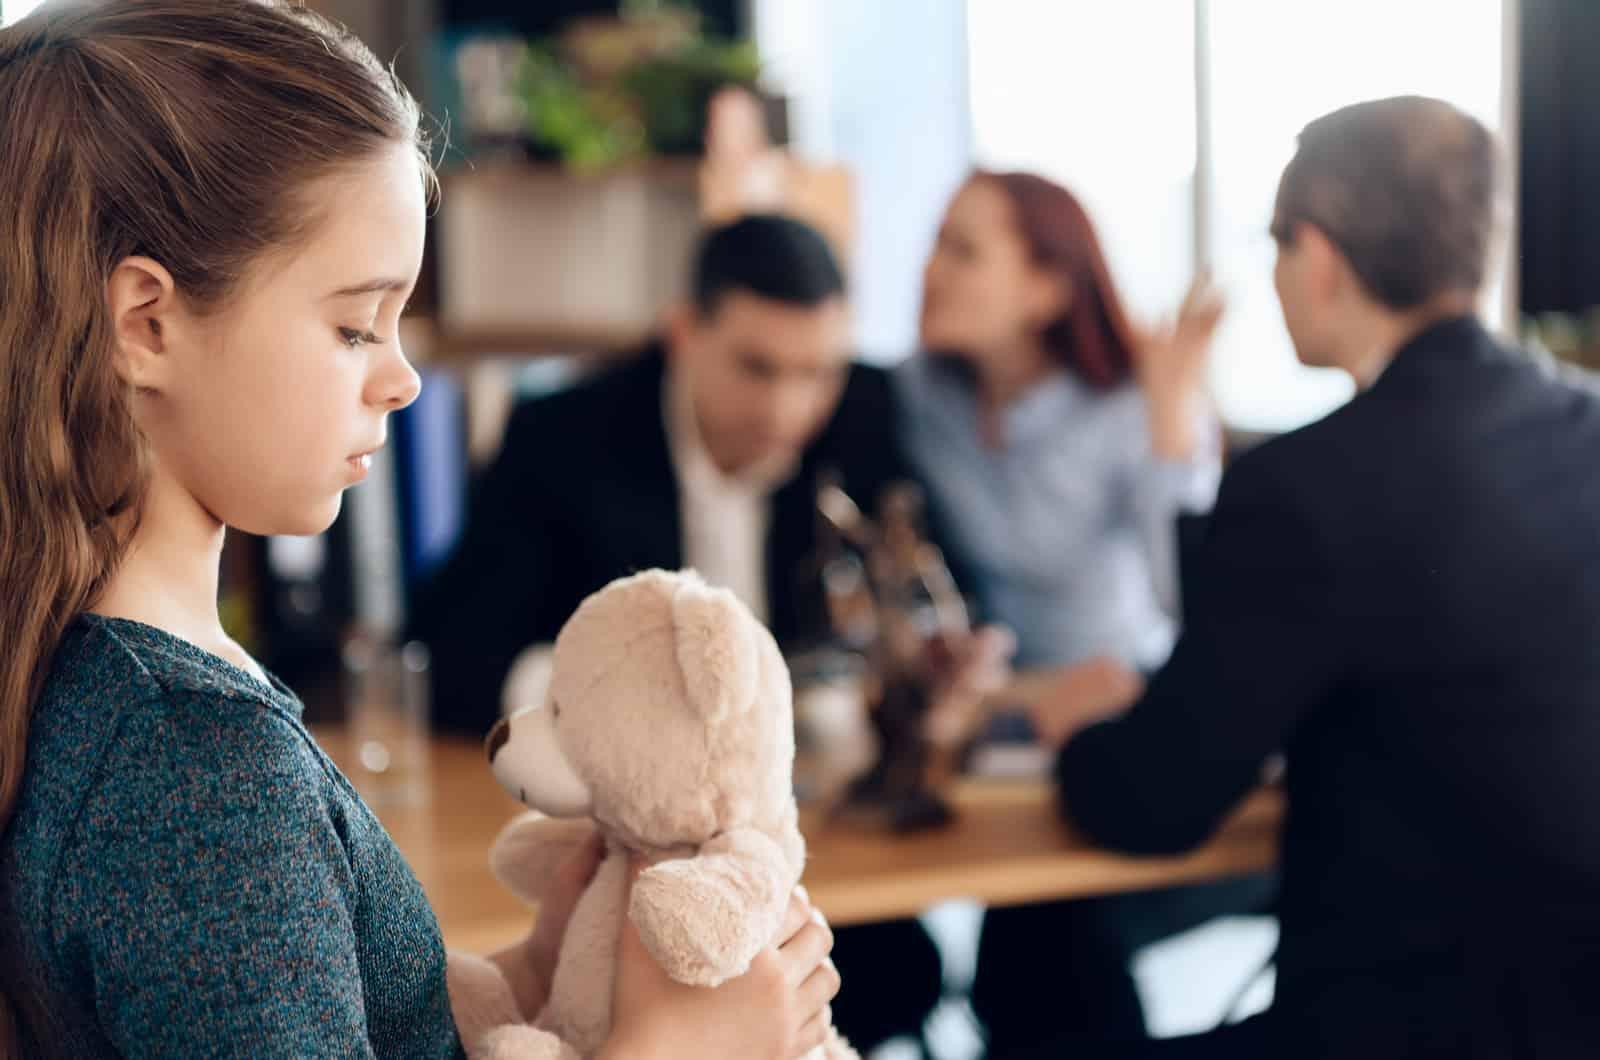 Tochter, die ihren Teddybär anschaut, während die Eltern im Hintergrund kämpfen